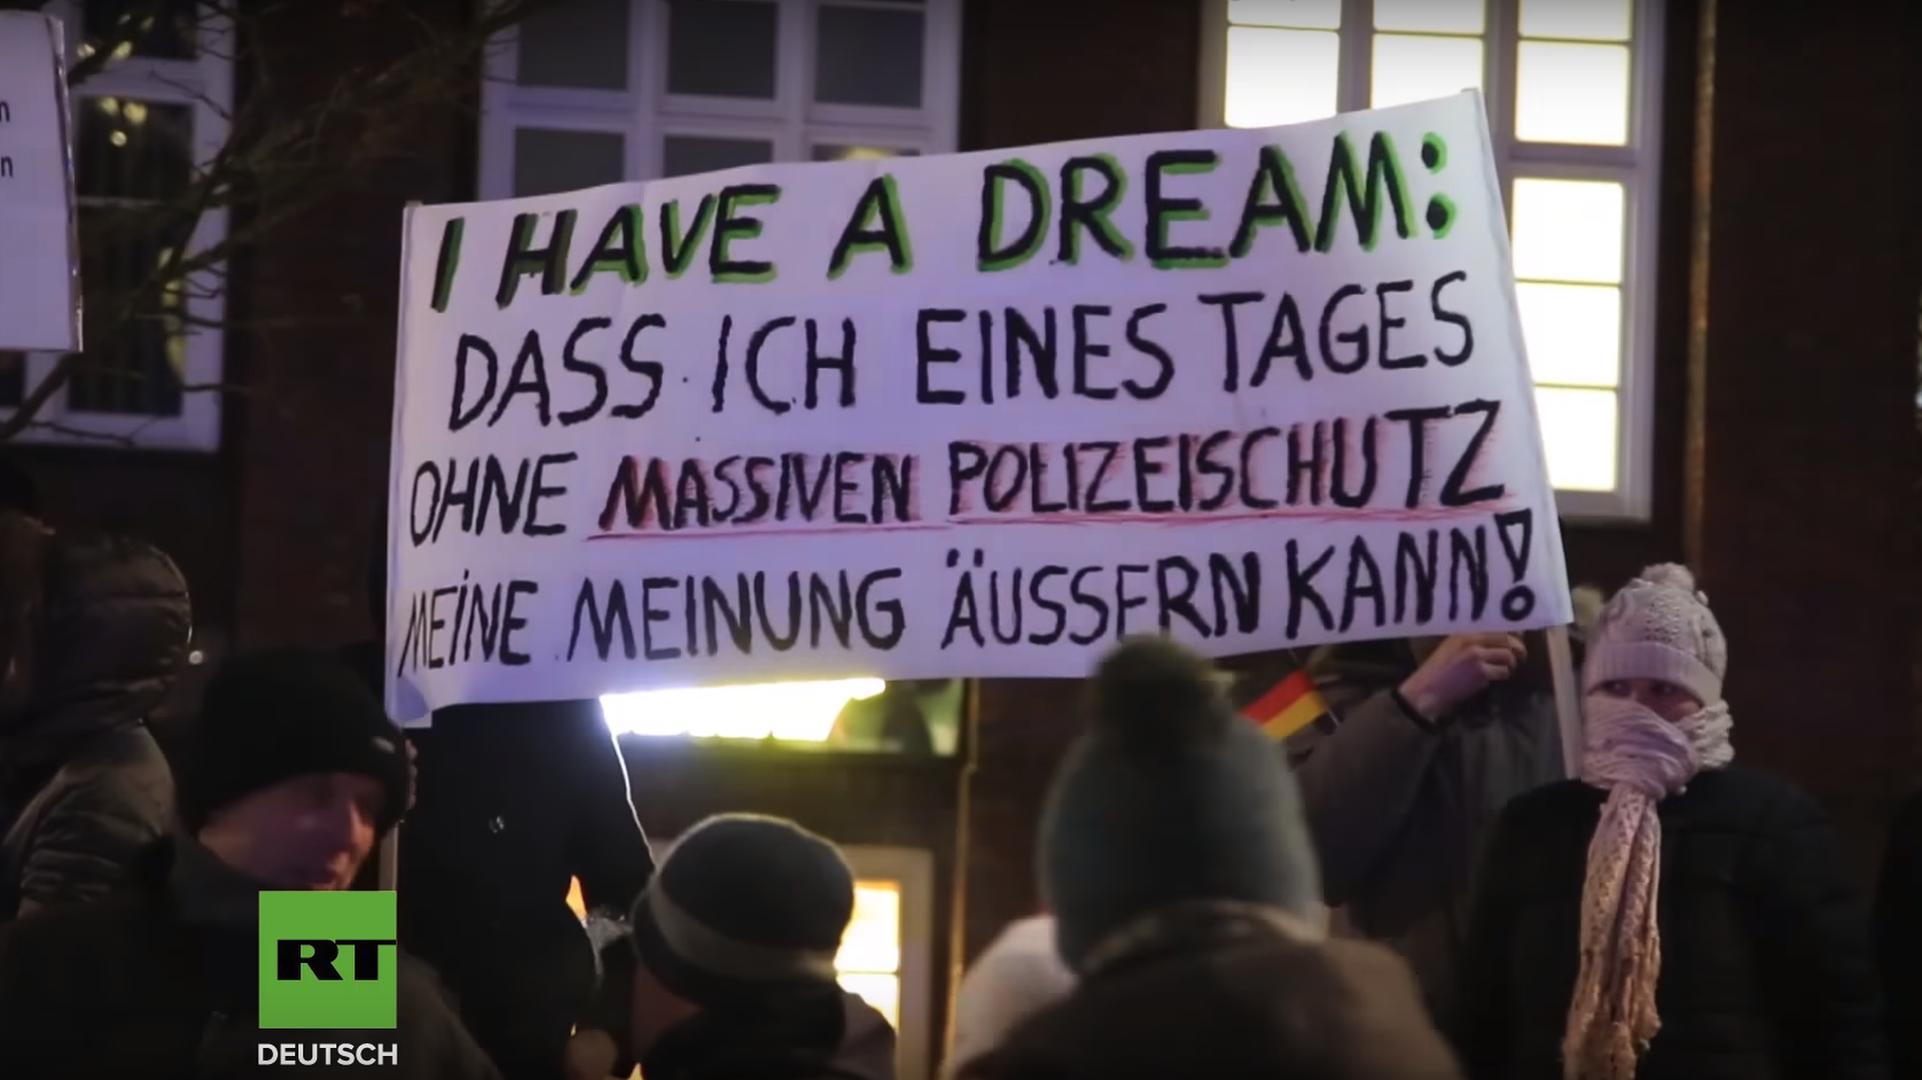 Hamburger Merkel Muss Weg Demo Staatsschutz Versucht Teilnehmer